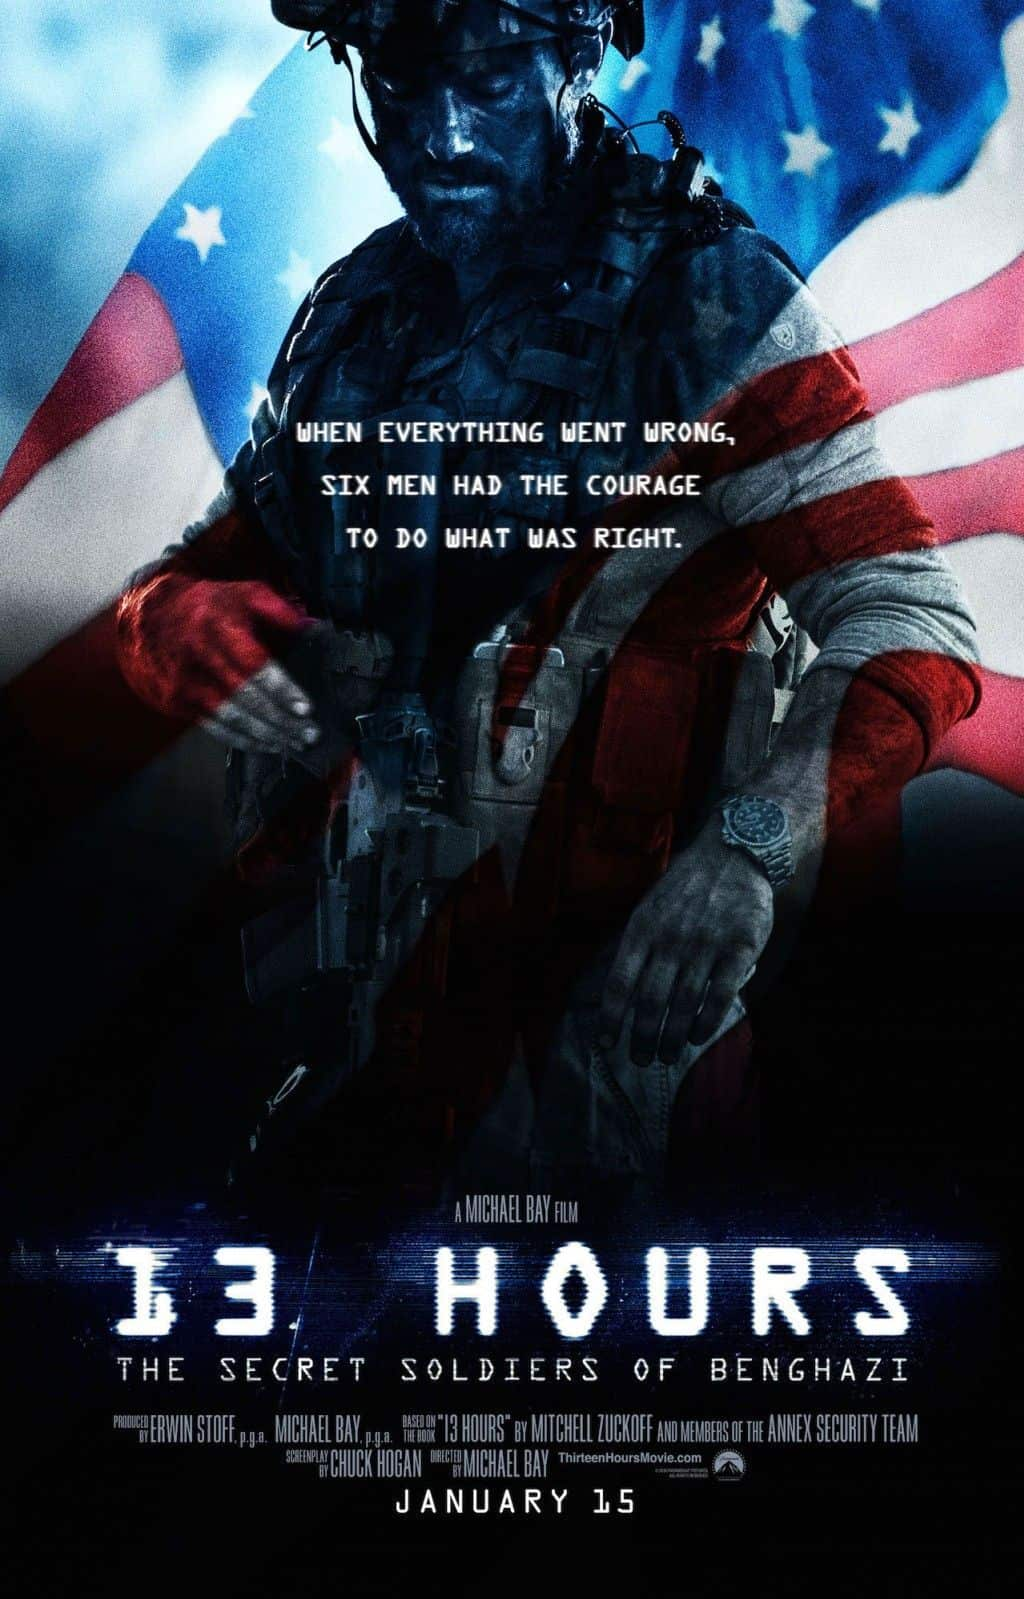 13 horas, los soldados secretos de Bengasi: Todo el armamento de la película